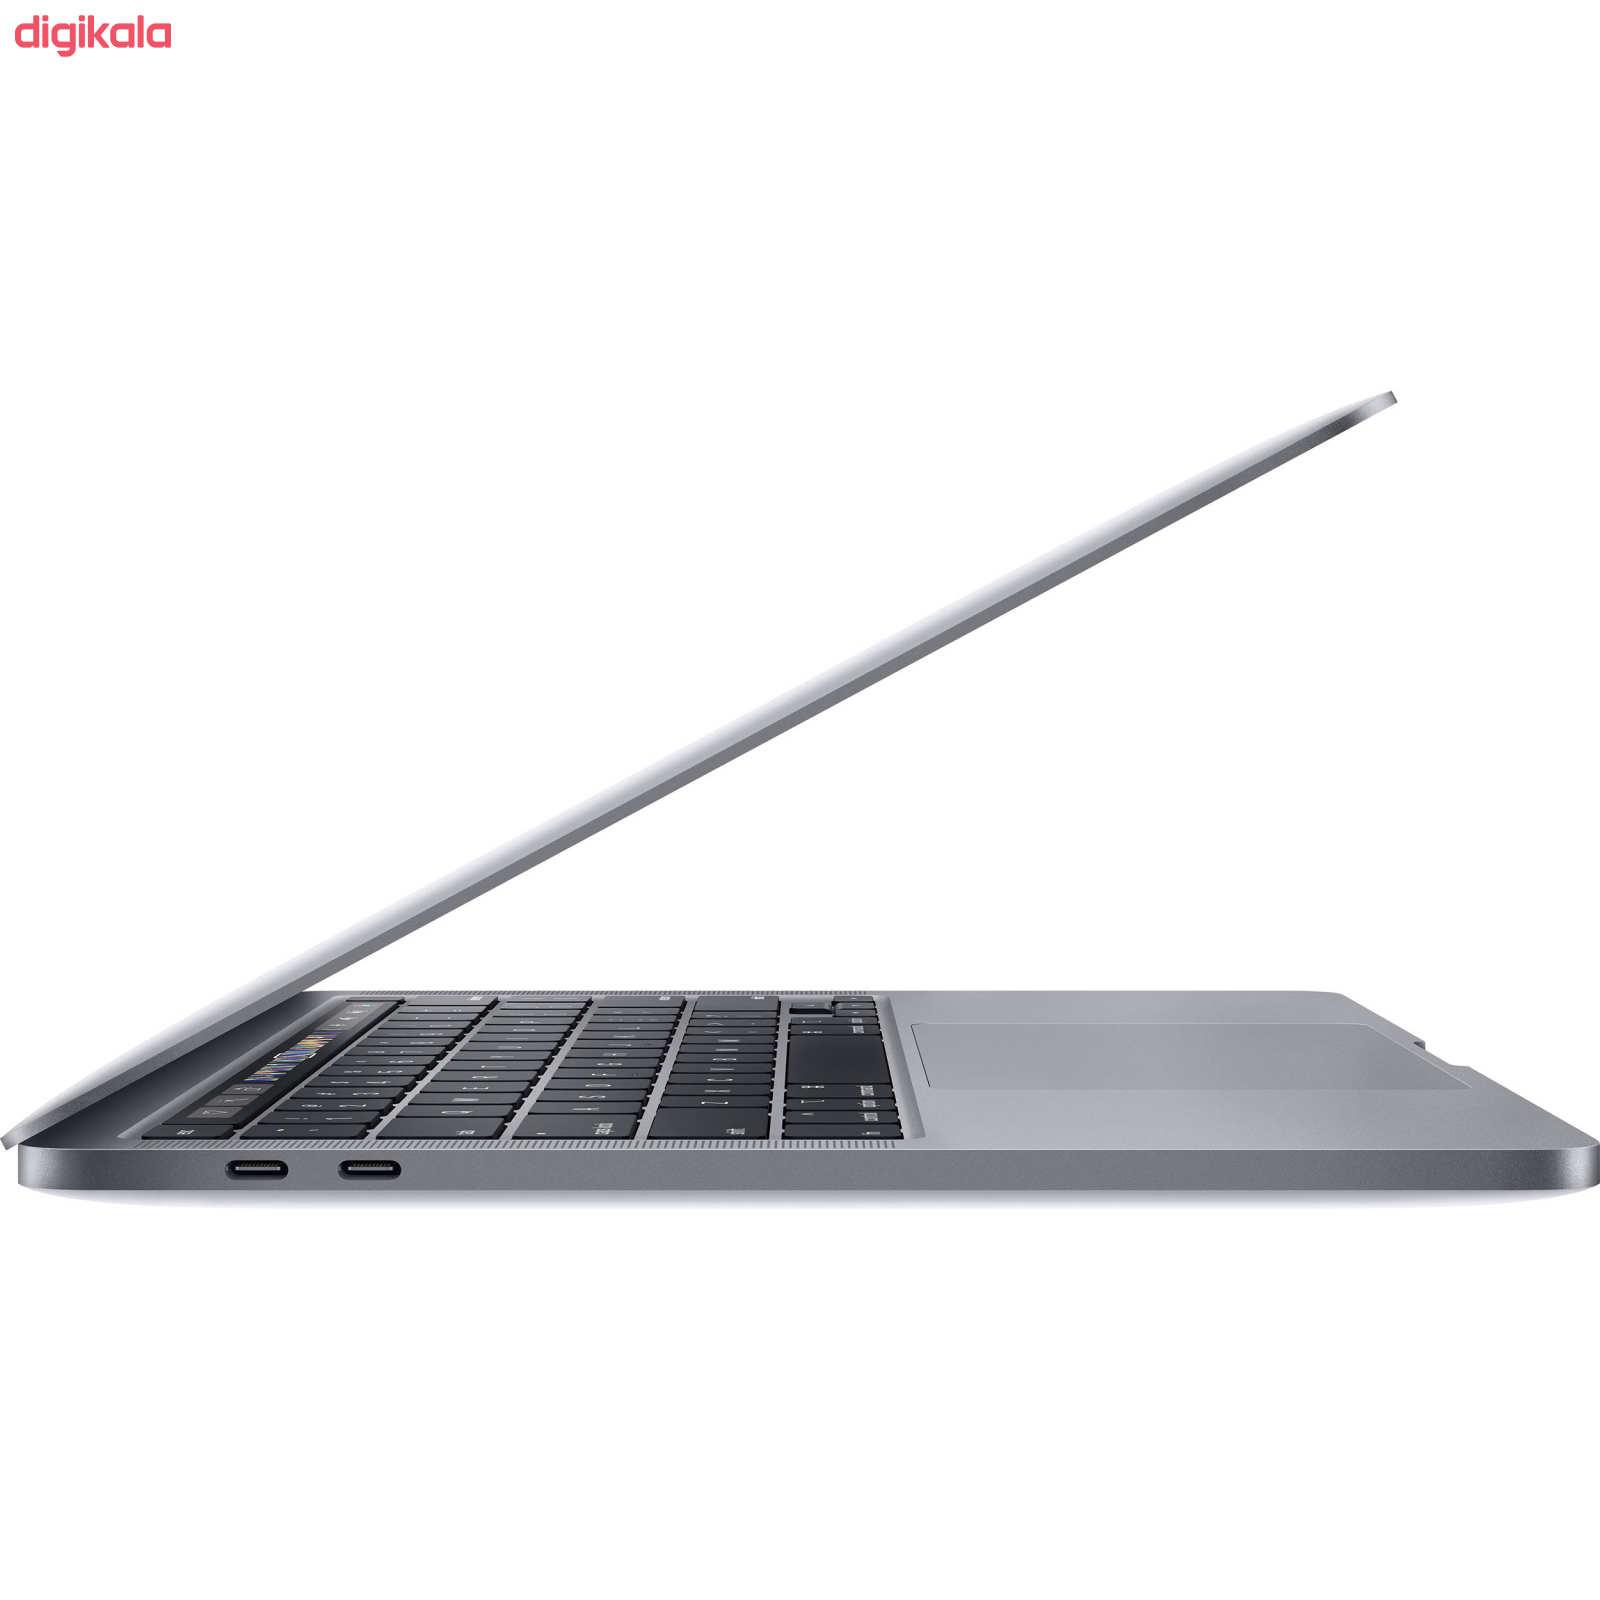 لپ تاپ 13 اینچی اپل مدل MacBook Pro MWP52 2020 همراه با تاچ بار  main 1 2